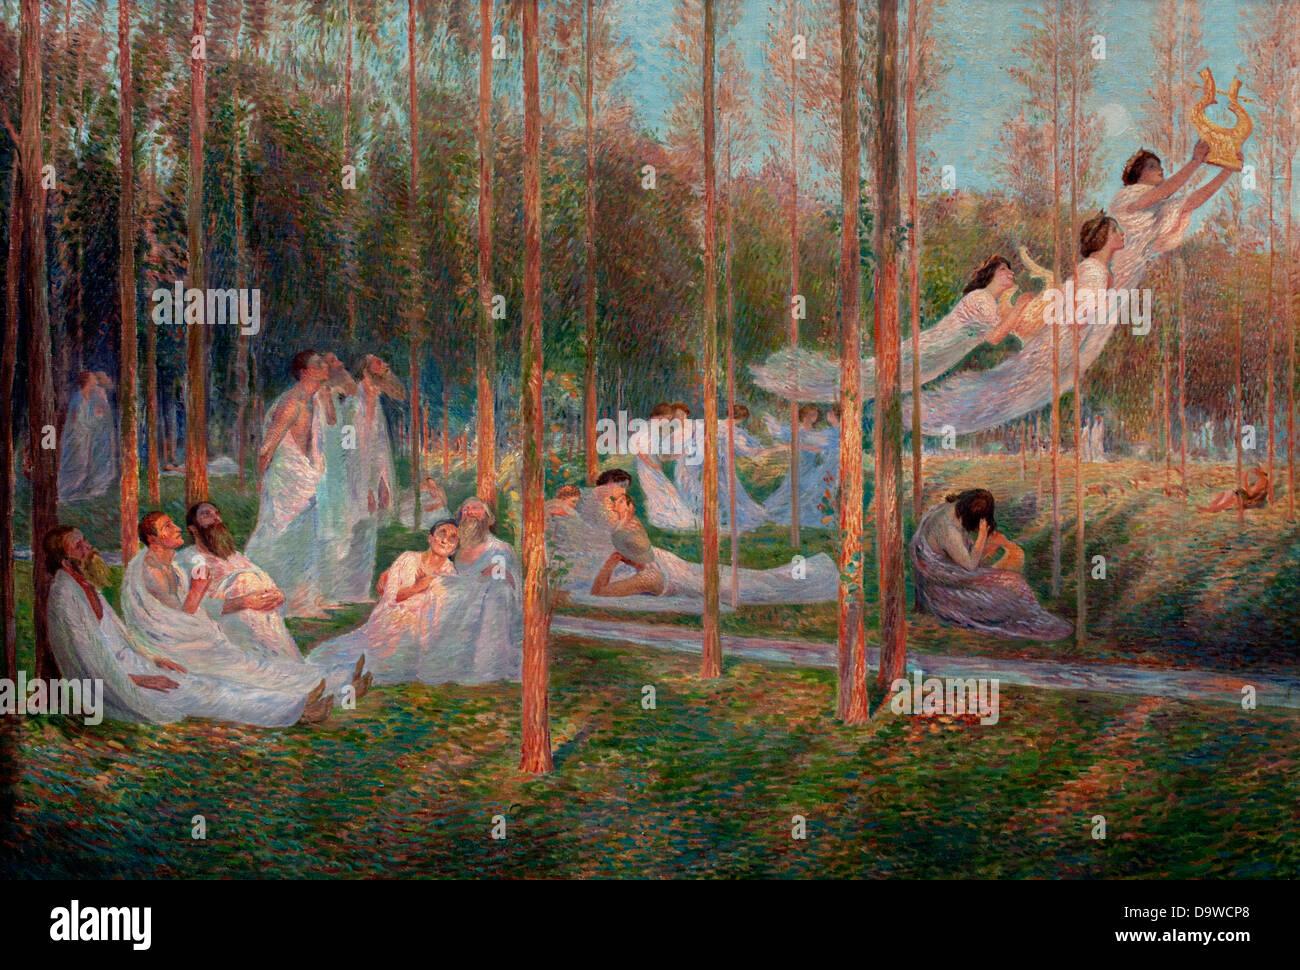 Sérénité - serenity 1899 Henri Martin 1860-1943 France - Stock Image